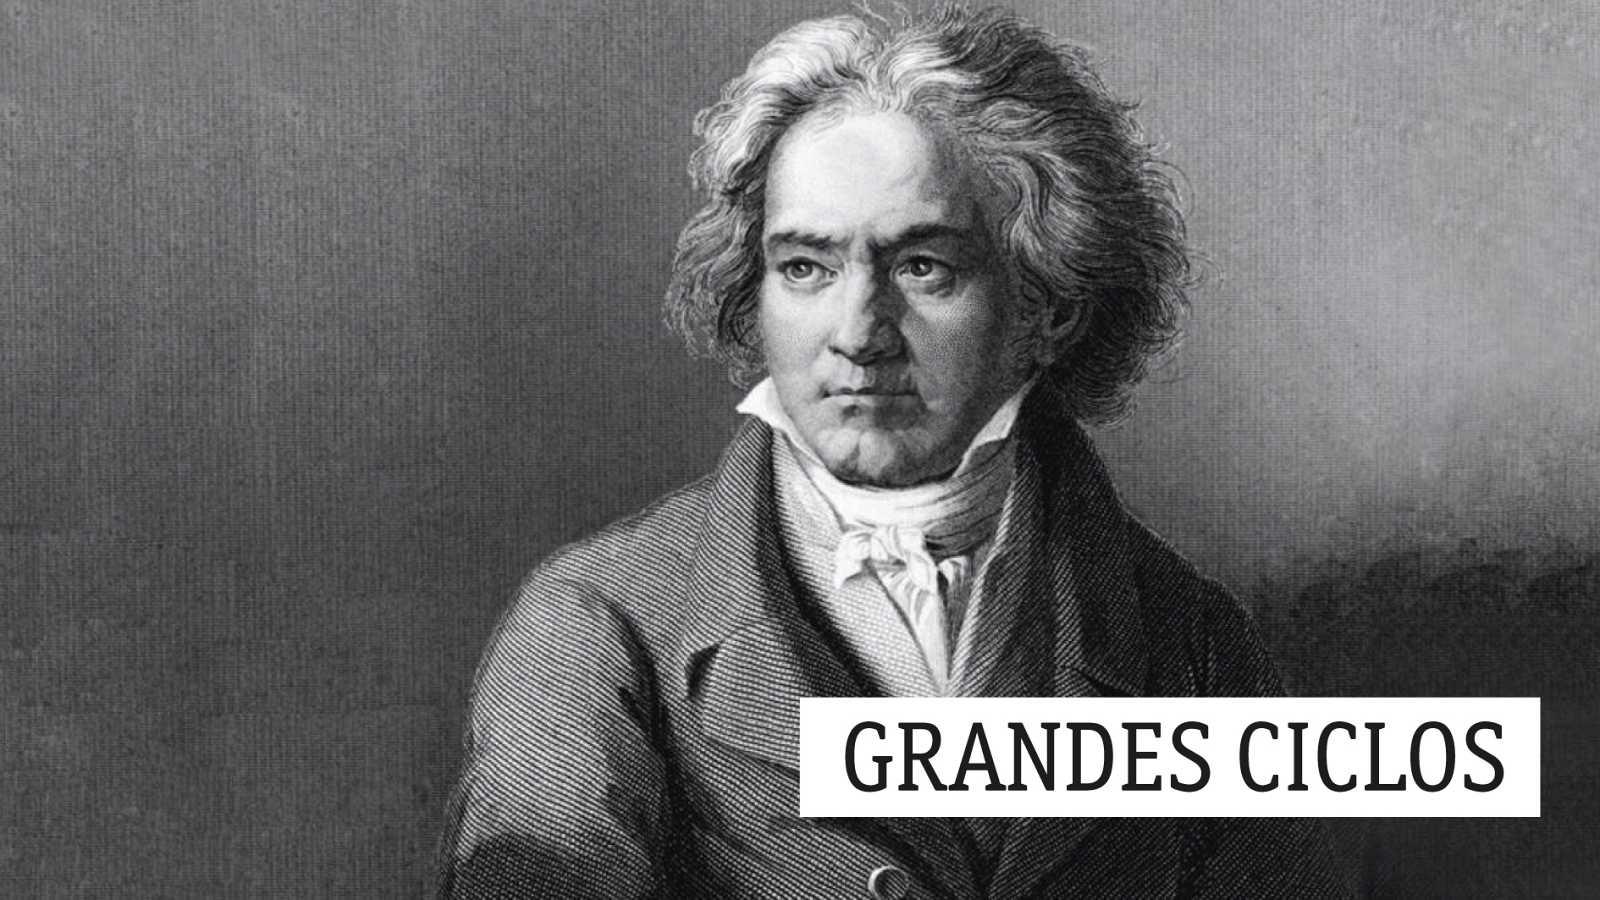 Grandes ciclos - L. van Beethoven (CXVII): Preparando la leyenda - 05/11/20 - escuchar ahora